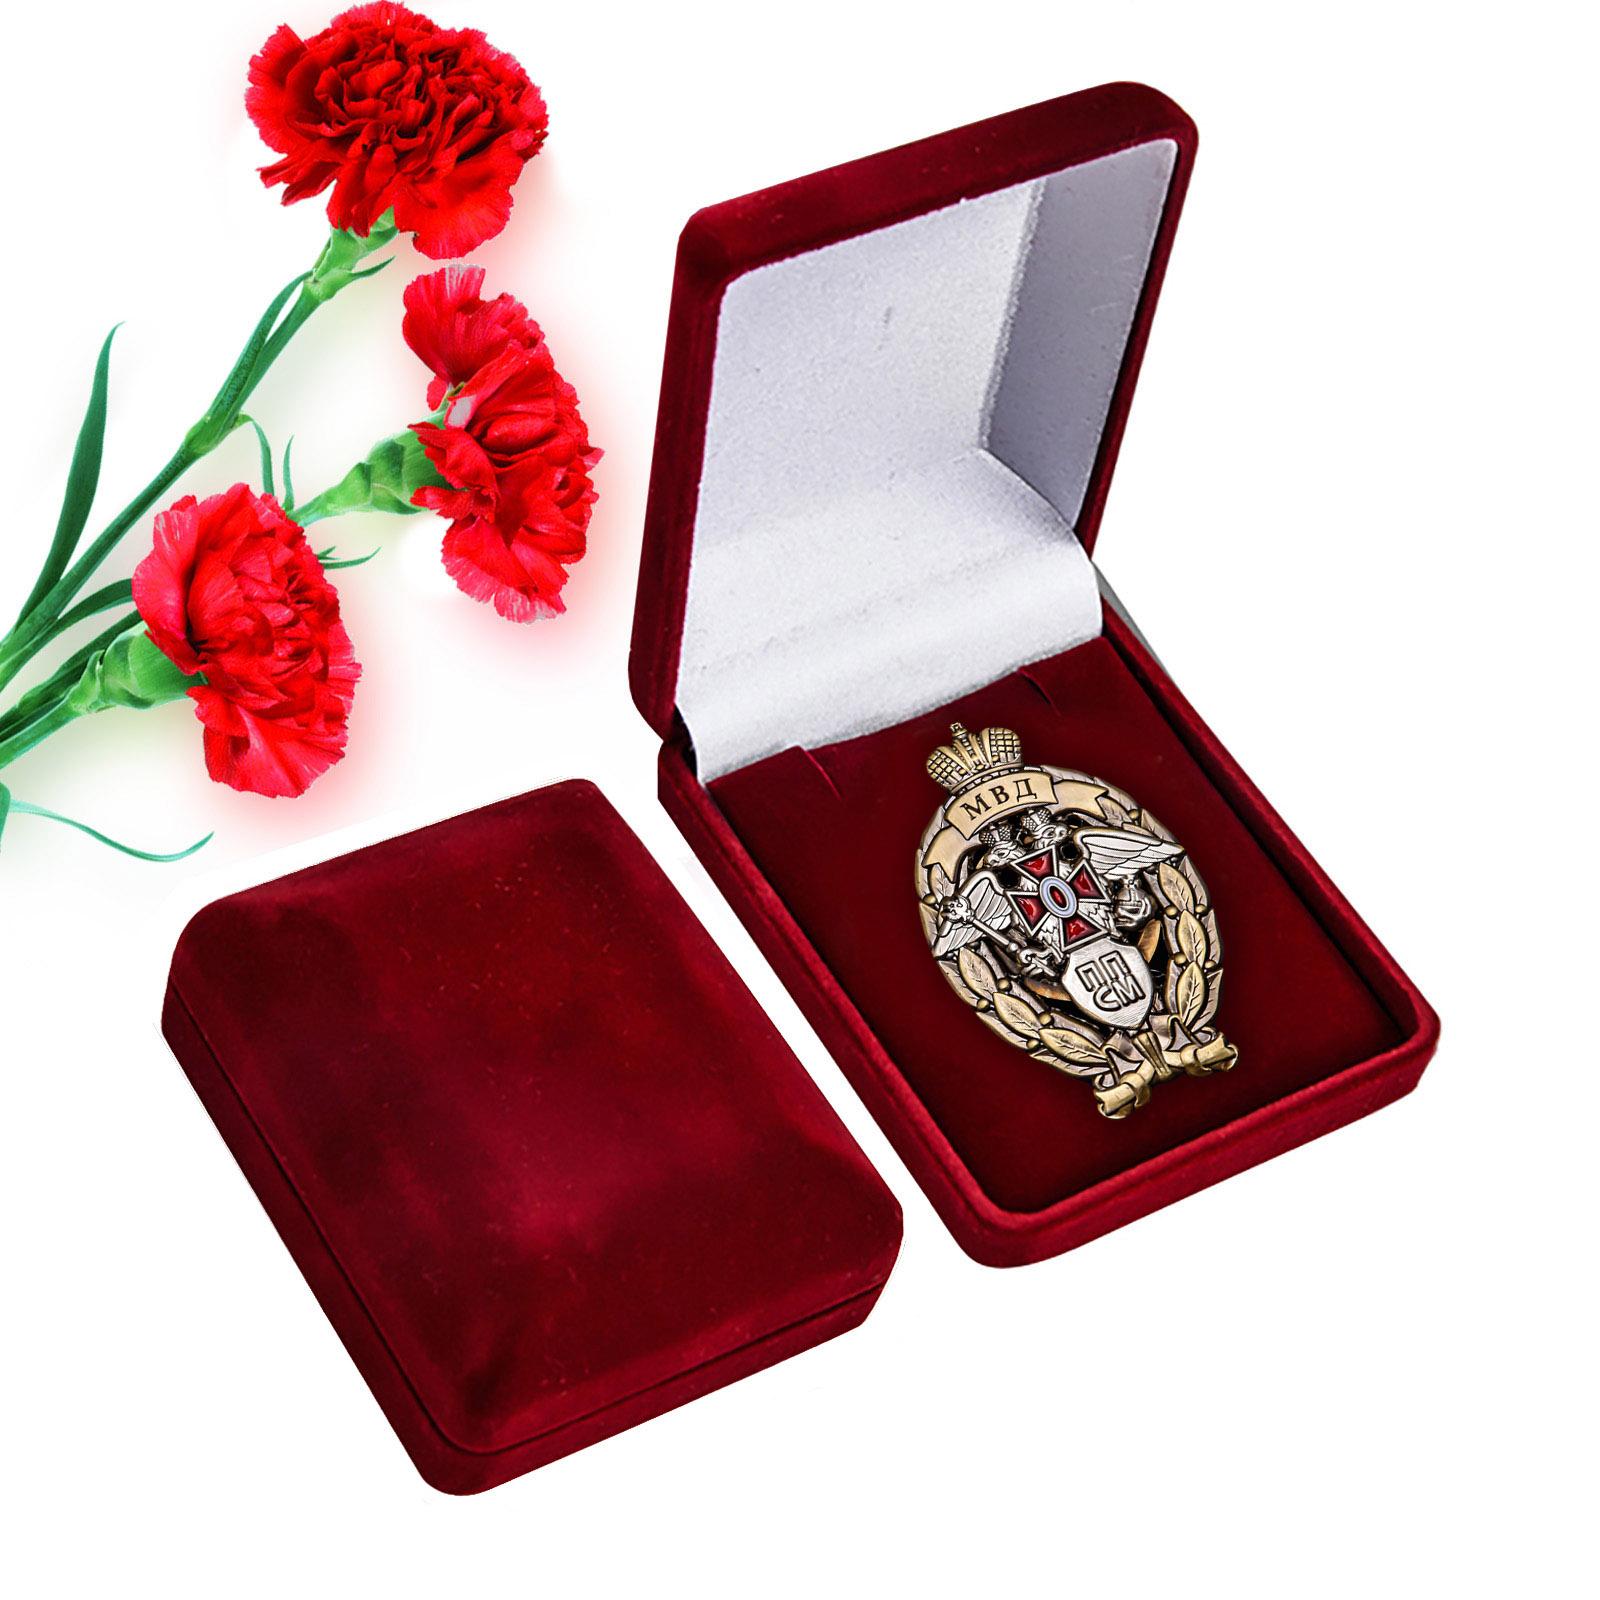 Купить латунный знак МВД Лучший сотрудник патрульно-постовой службы онлайн